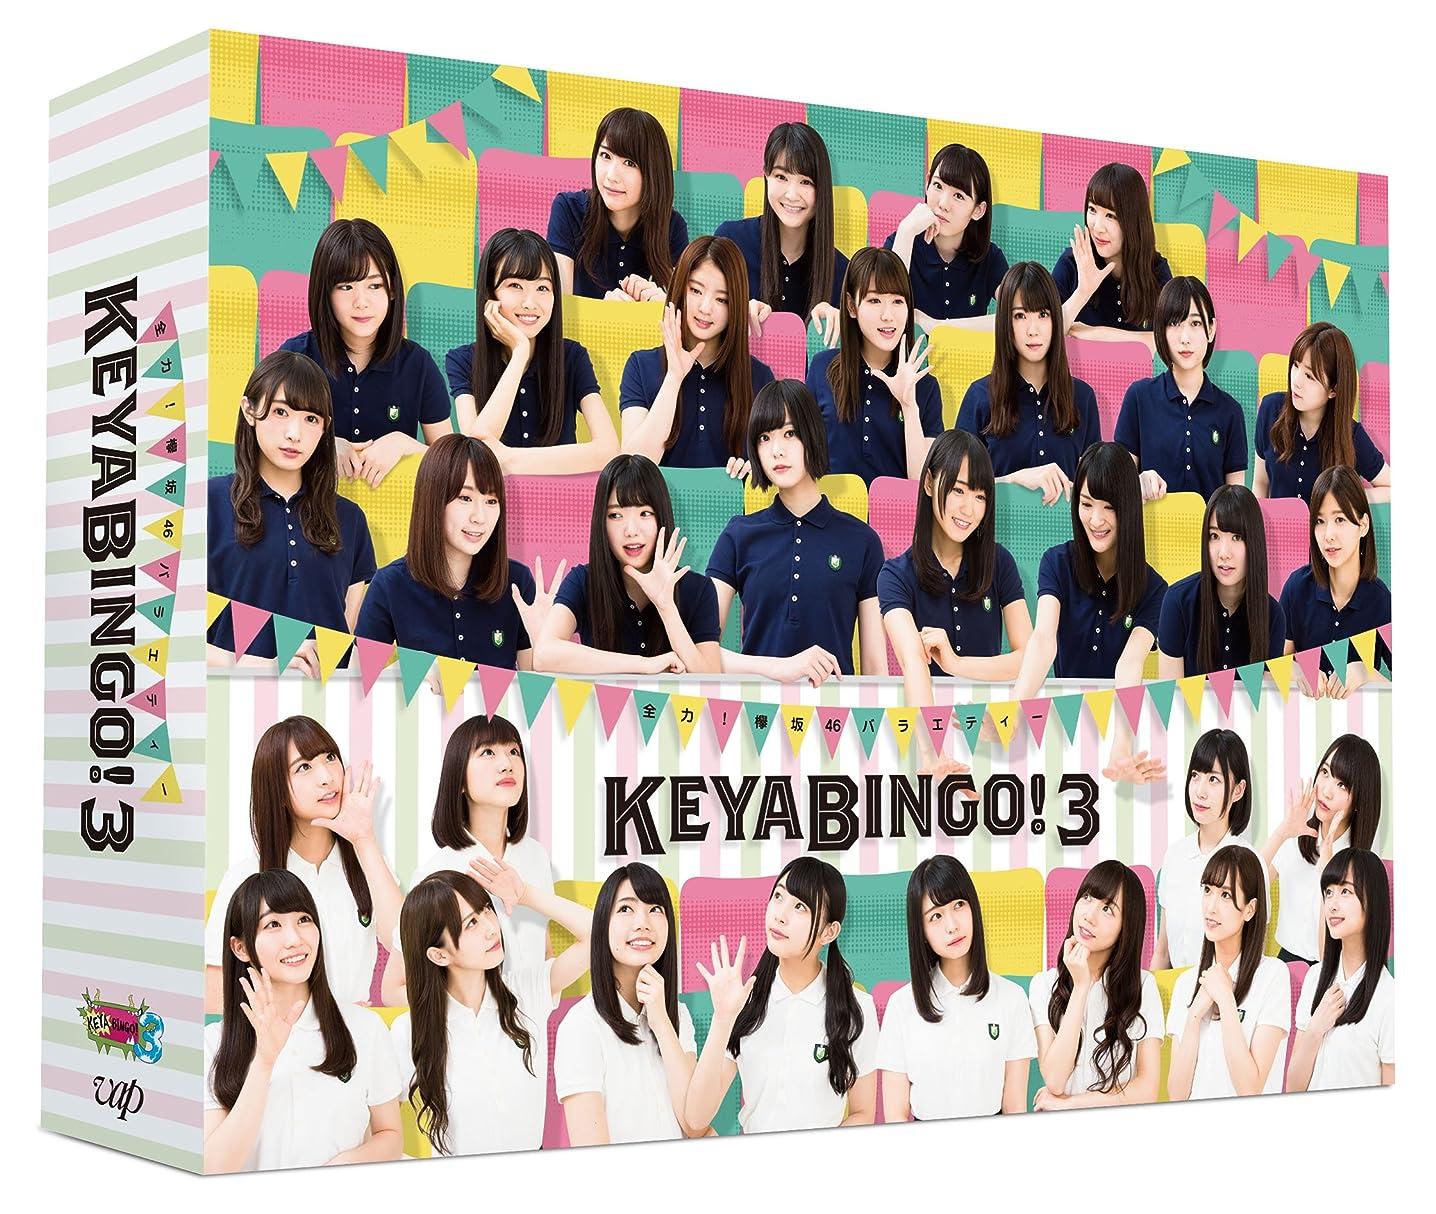 コークス花真夜中【メーカー特典あり】全力! 欅坂46バラエティー KEYABINGO! 3 Blu-ray BOX (オリジナルうちわ付)